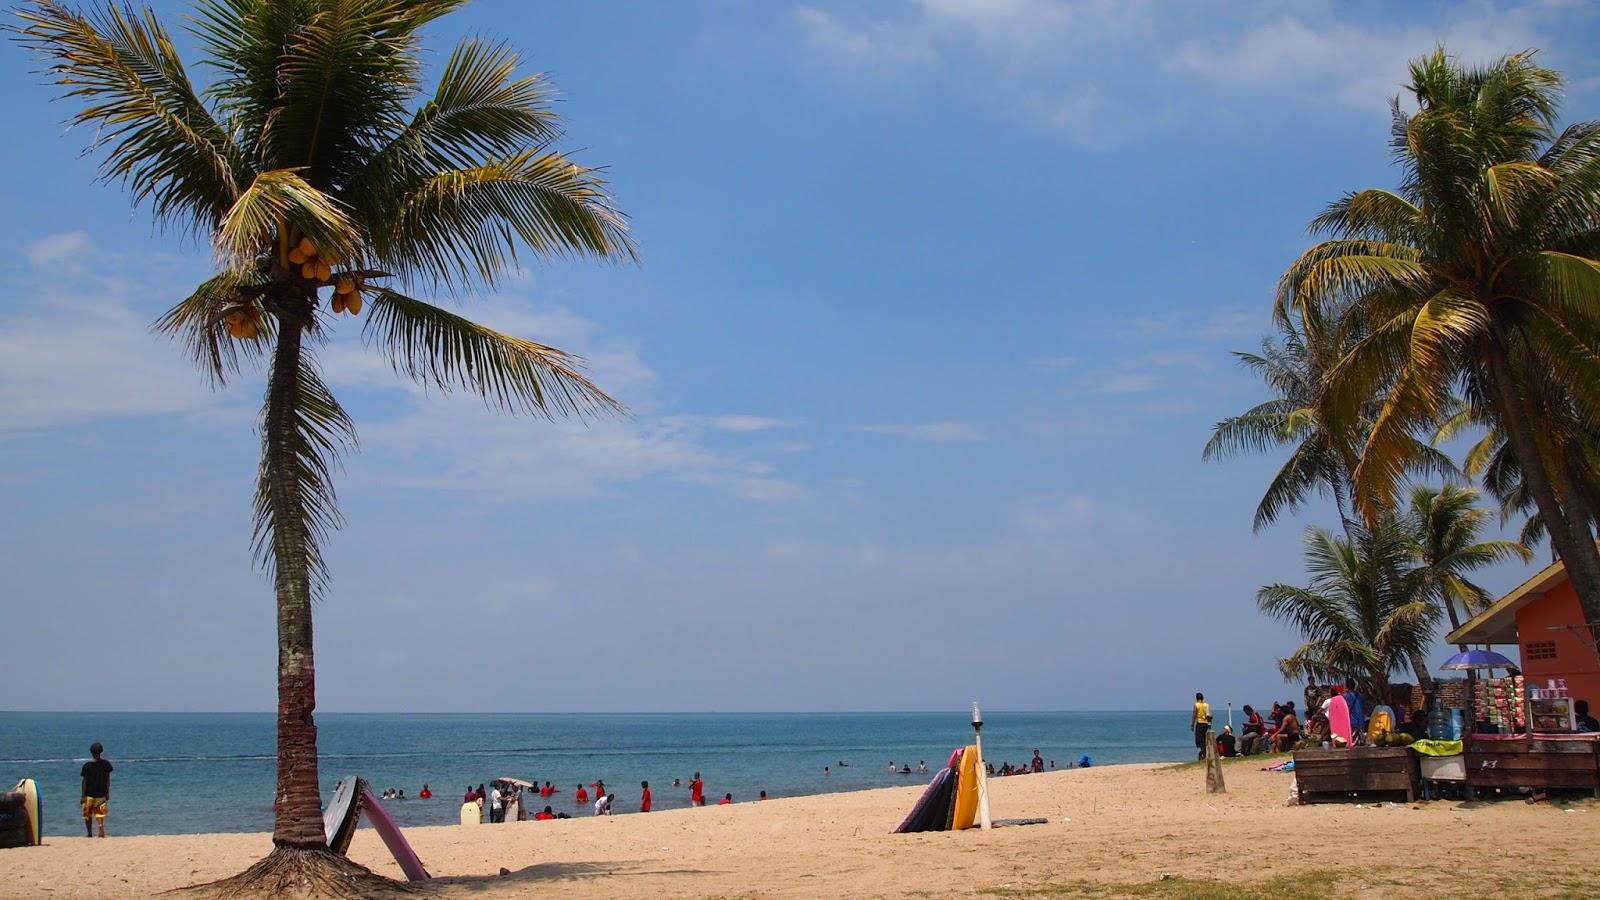 39 Tempat Wisata Banten Menjadi Incaran Wisatawan Pantai Dikunjungi Oleh